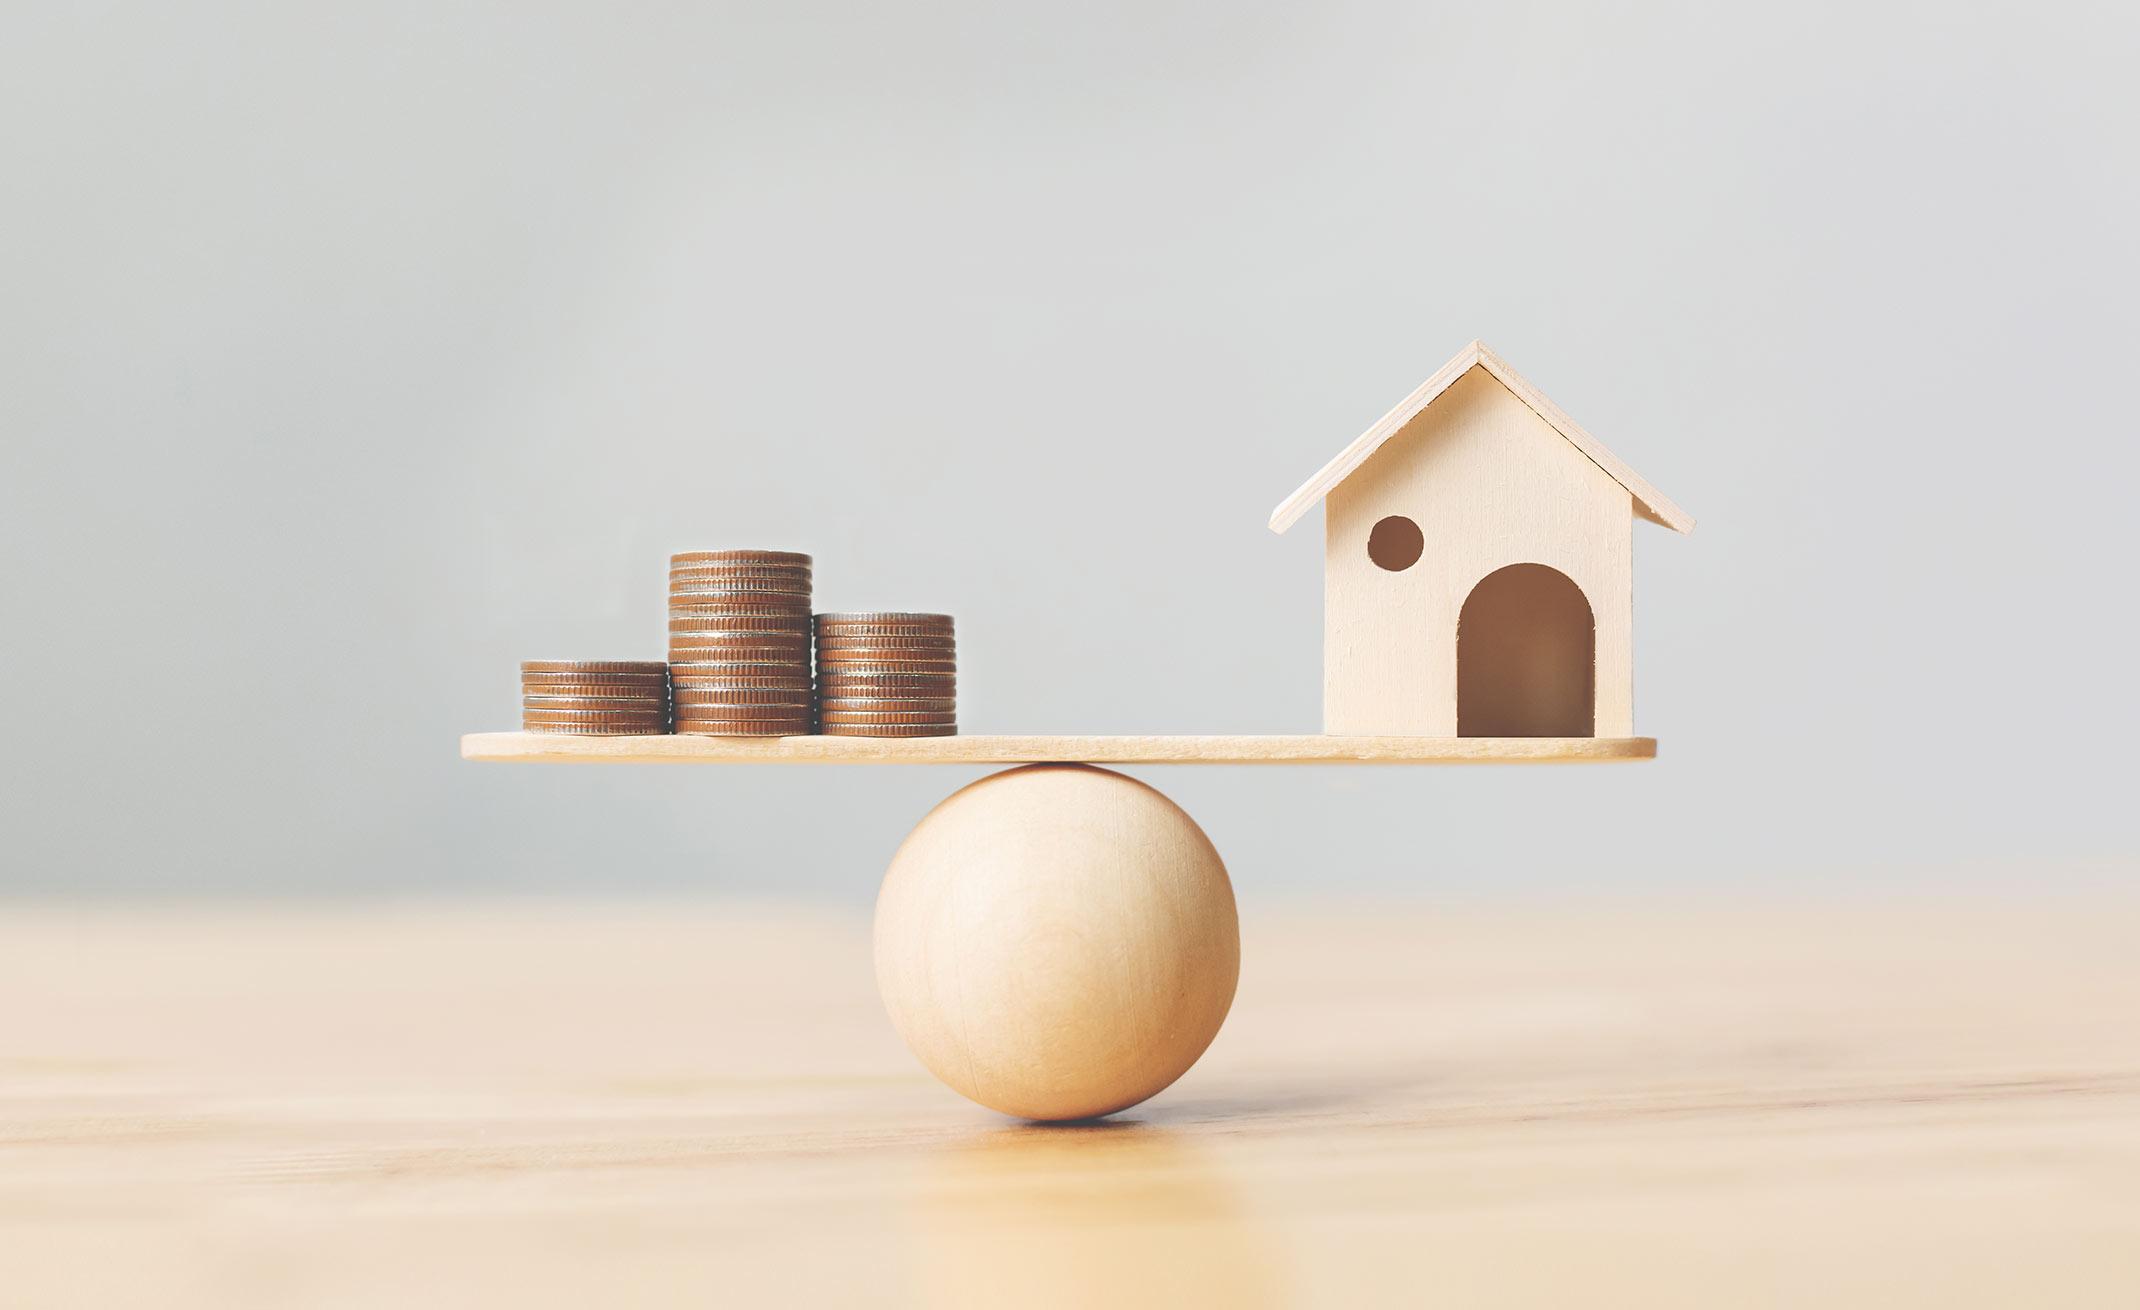 Kannattaako Ostaa Asunto